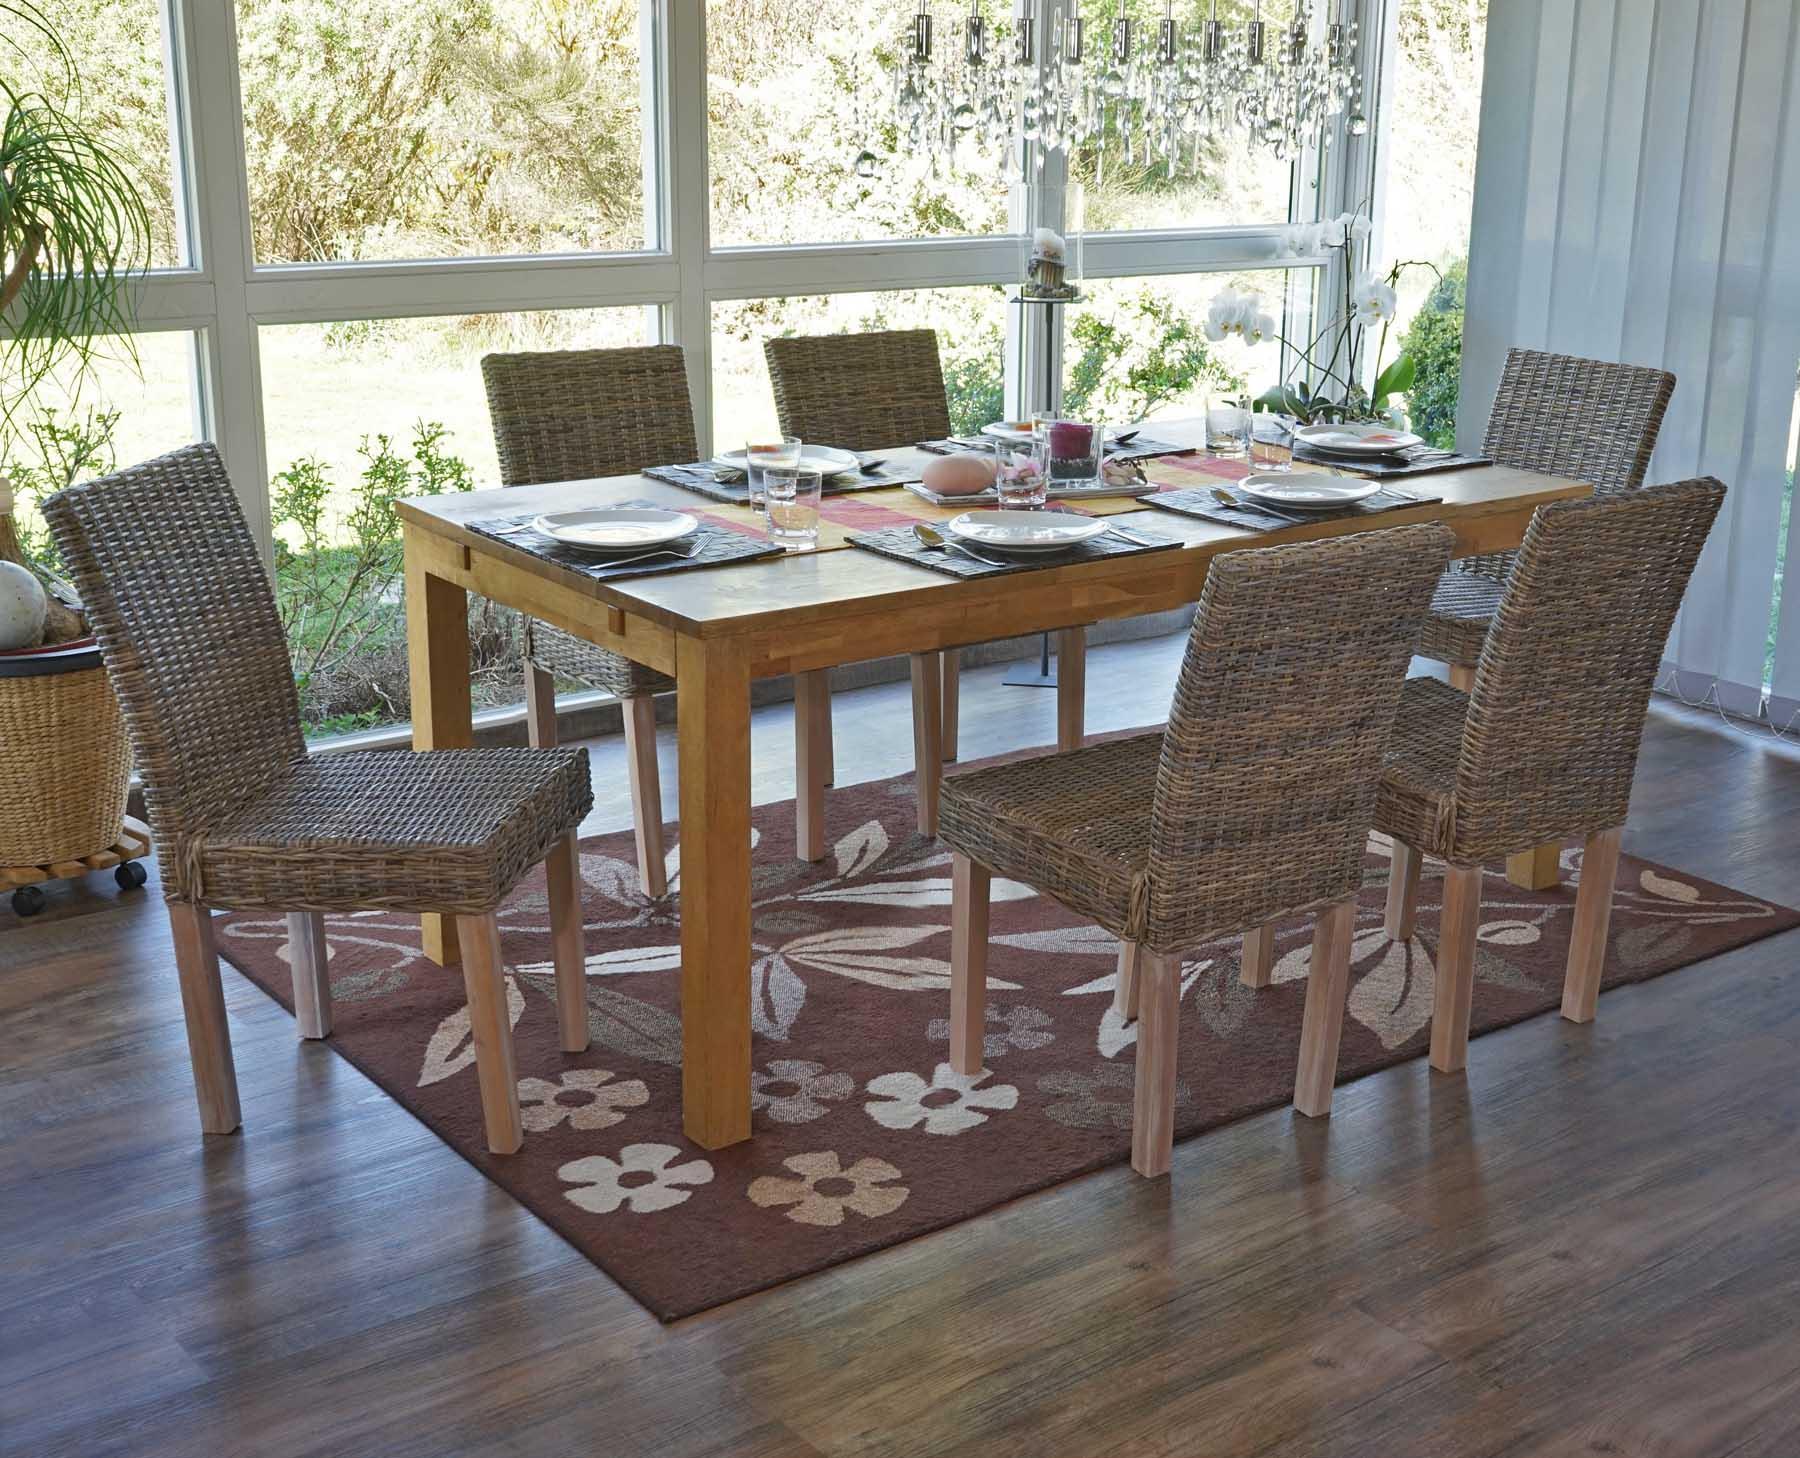 Lote de 6 sillas de comedor luca en poly rattan color for Sillas mimbre comedor